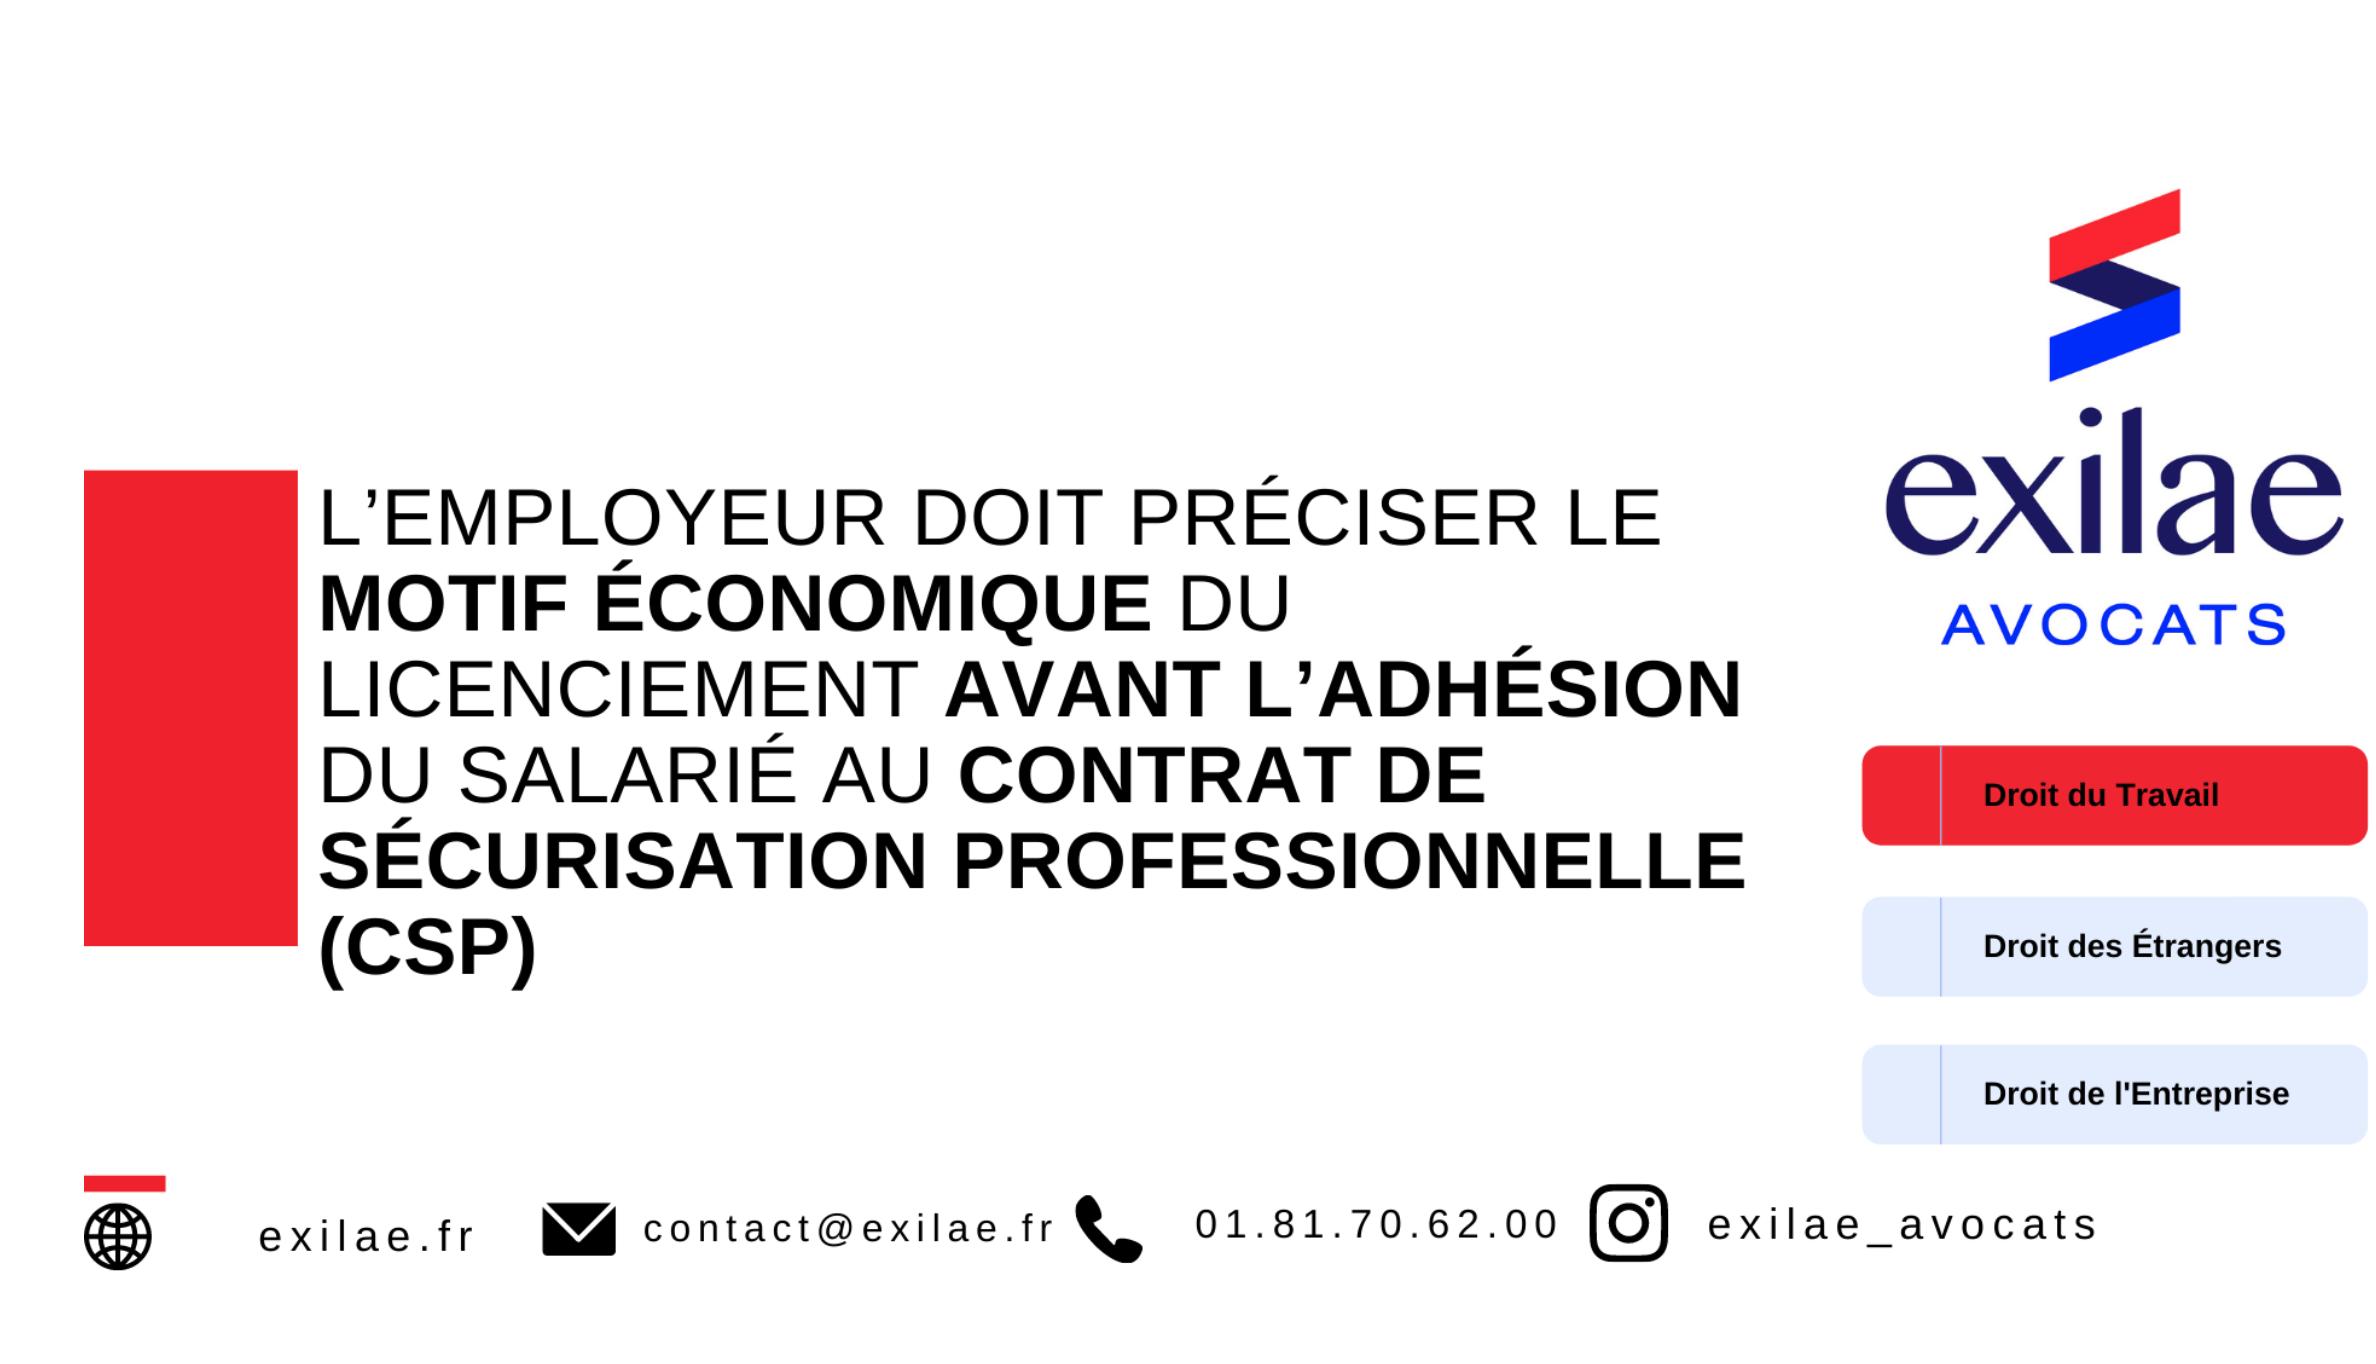 L'employeur doit préciser le motif économique du licenciement avant l'adhésion du salarié au contrat de sécurisation professionnelle (CSP)